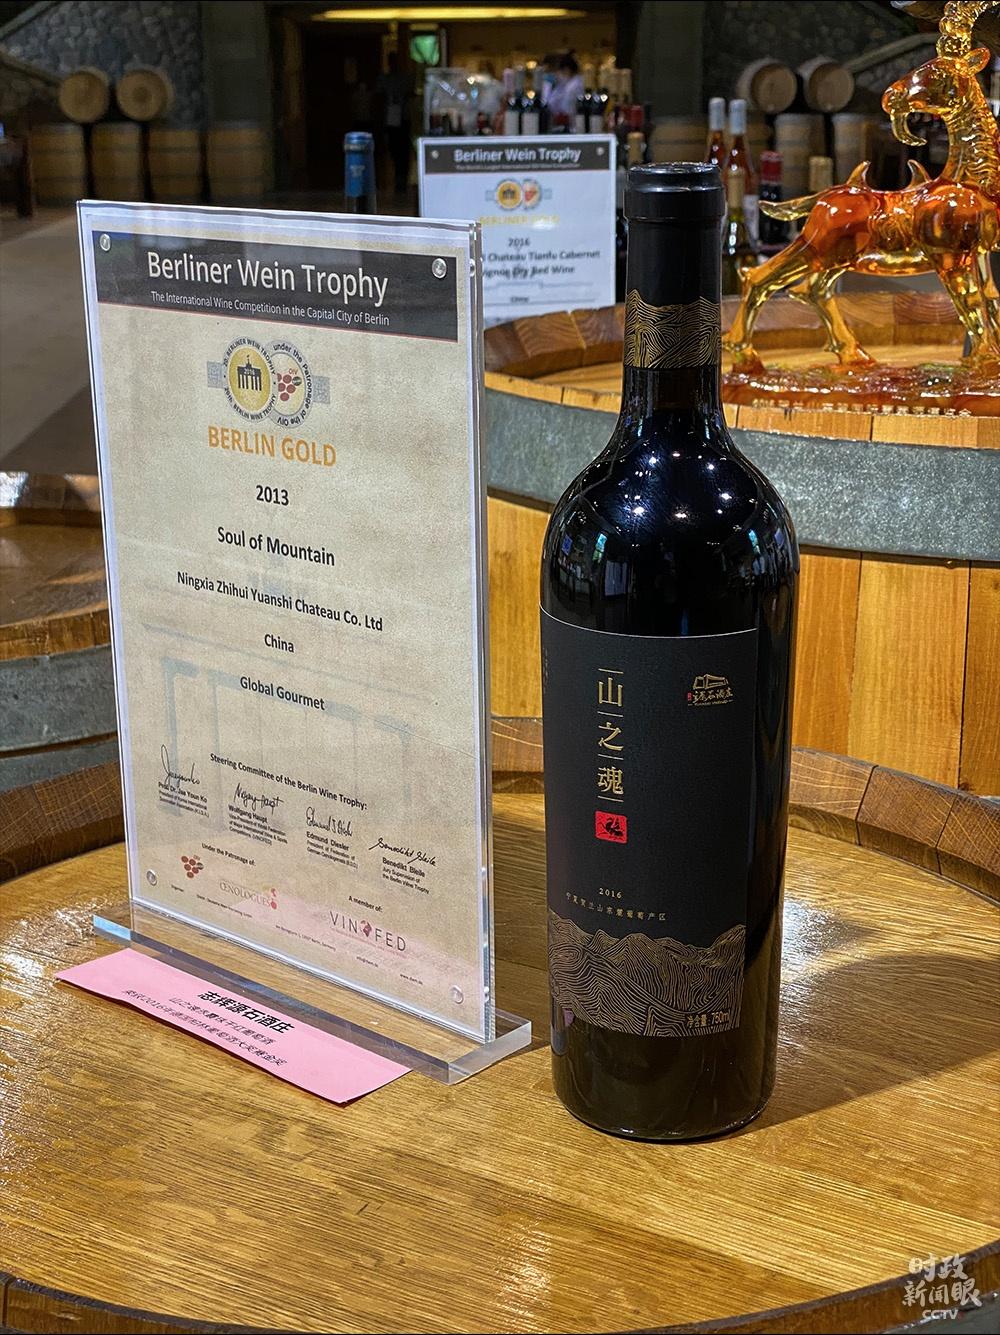 △这款山之魂赤霞珠干红葡萄酒于2016年荣获德国柏林葡萄酒大奖赛金奖。(总台央视记者彭汉明拍摄)